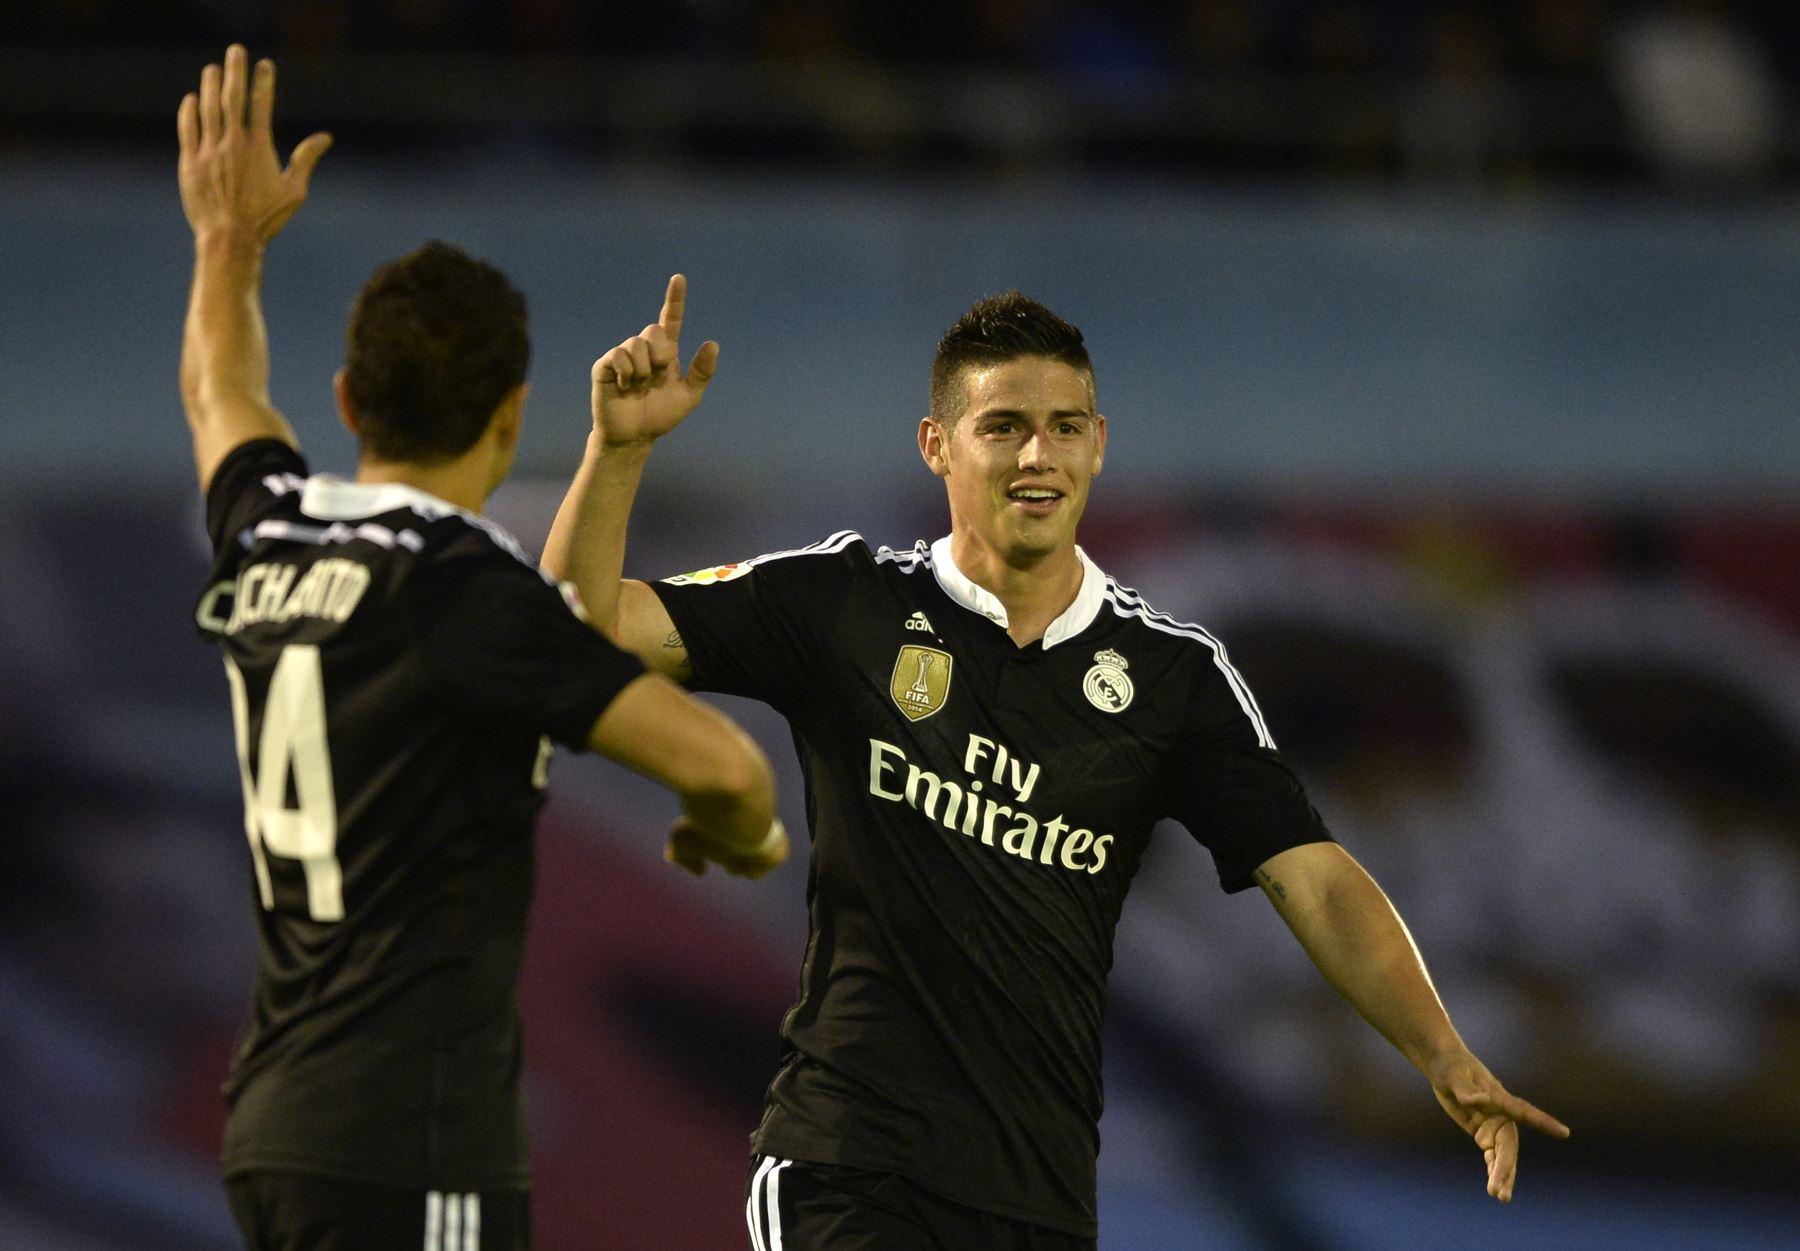 Con gol de James Rodríguez, Real Madrid derrotó 4-2 al Celta de Vigo. Foto: AFP